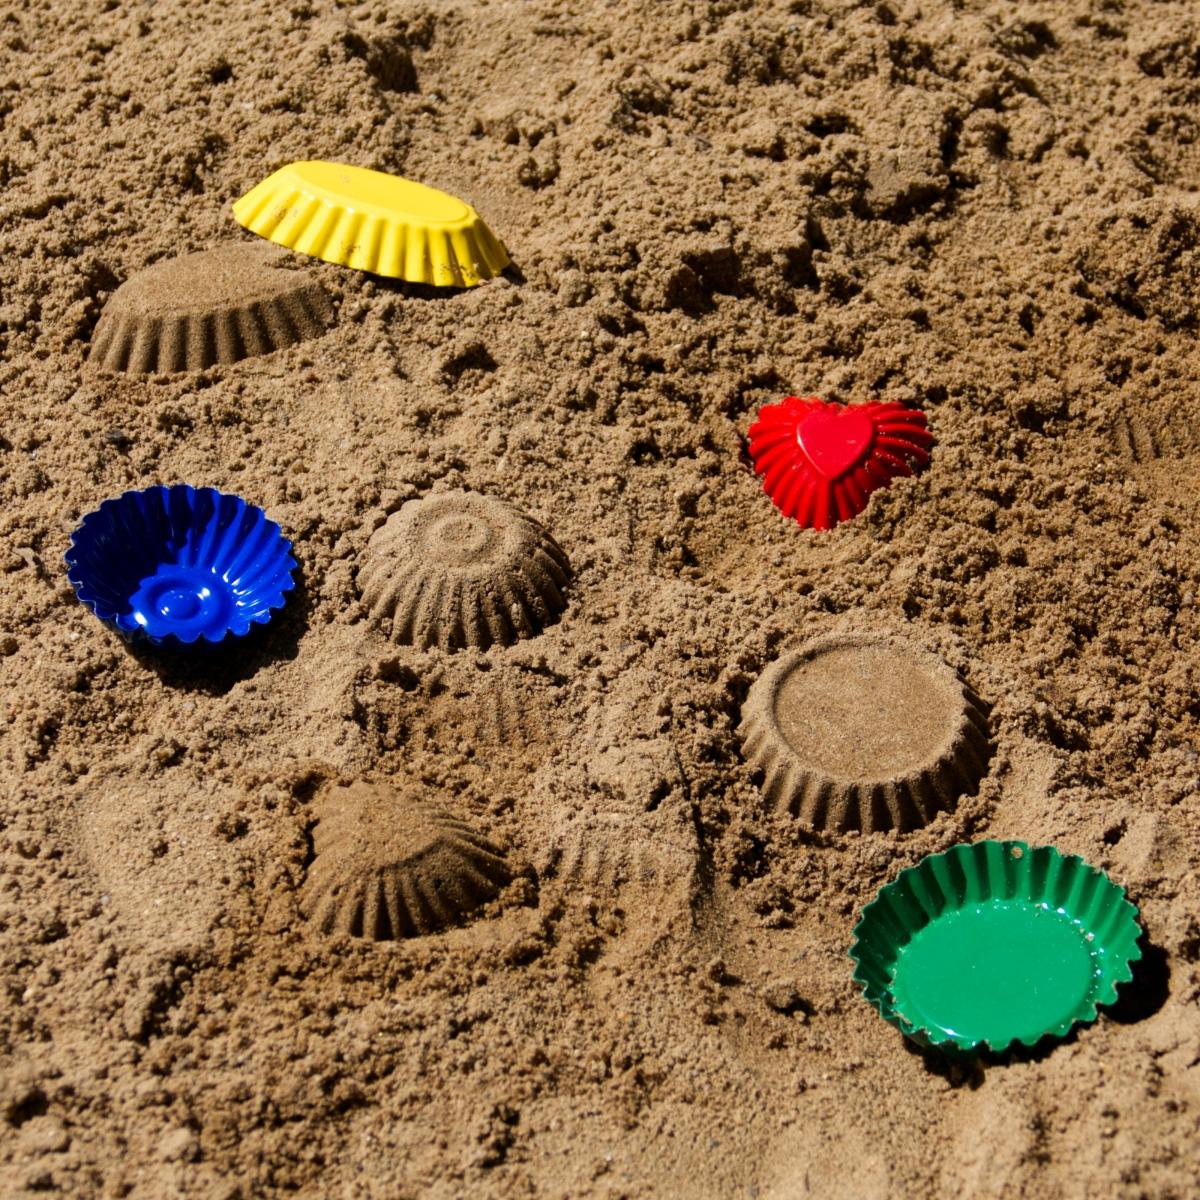 Sandförmchen Set (Metall) aus 4 bunten Formen in gelb, blau, rot und grün